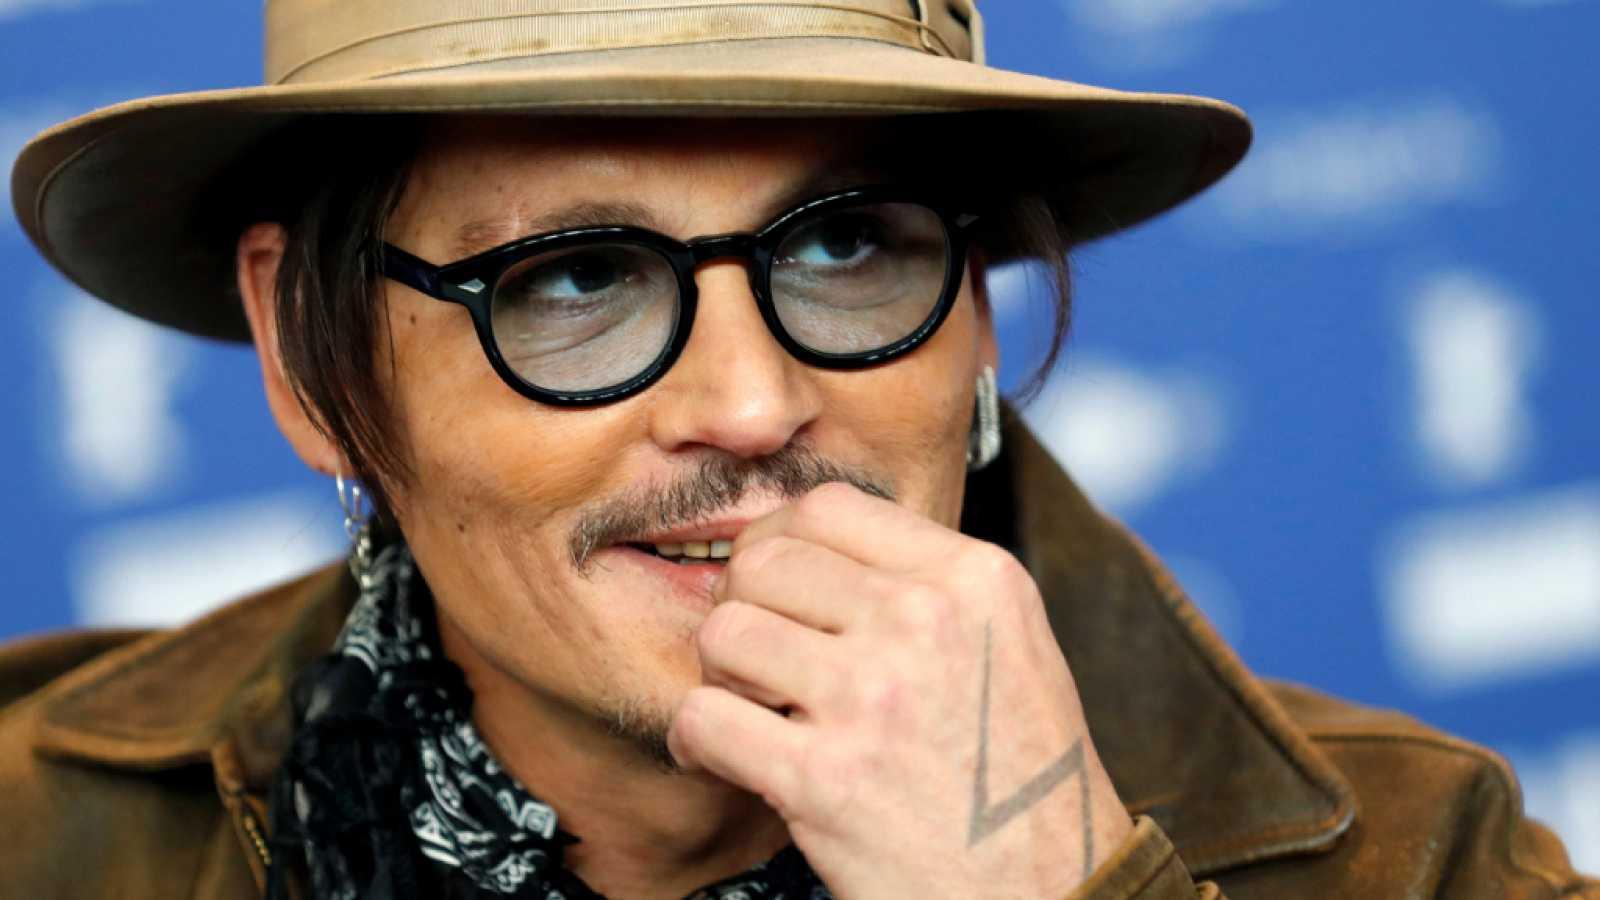 Los motivos por los que los fans de Johnny Depp piden su regreso como Jack Sparrow